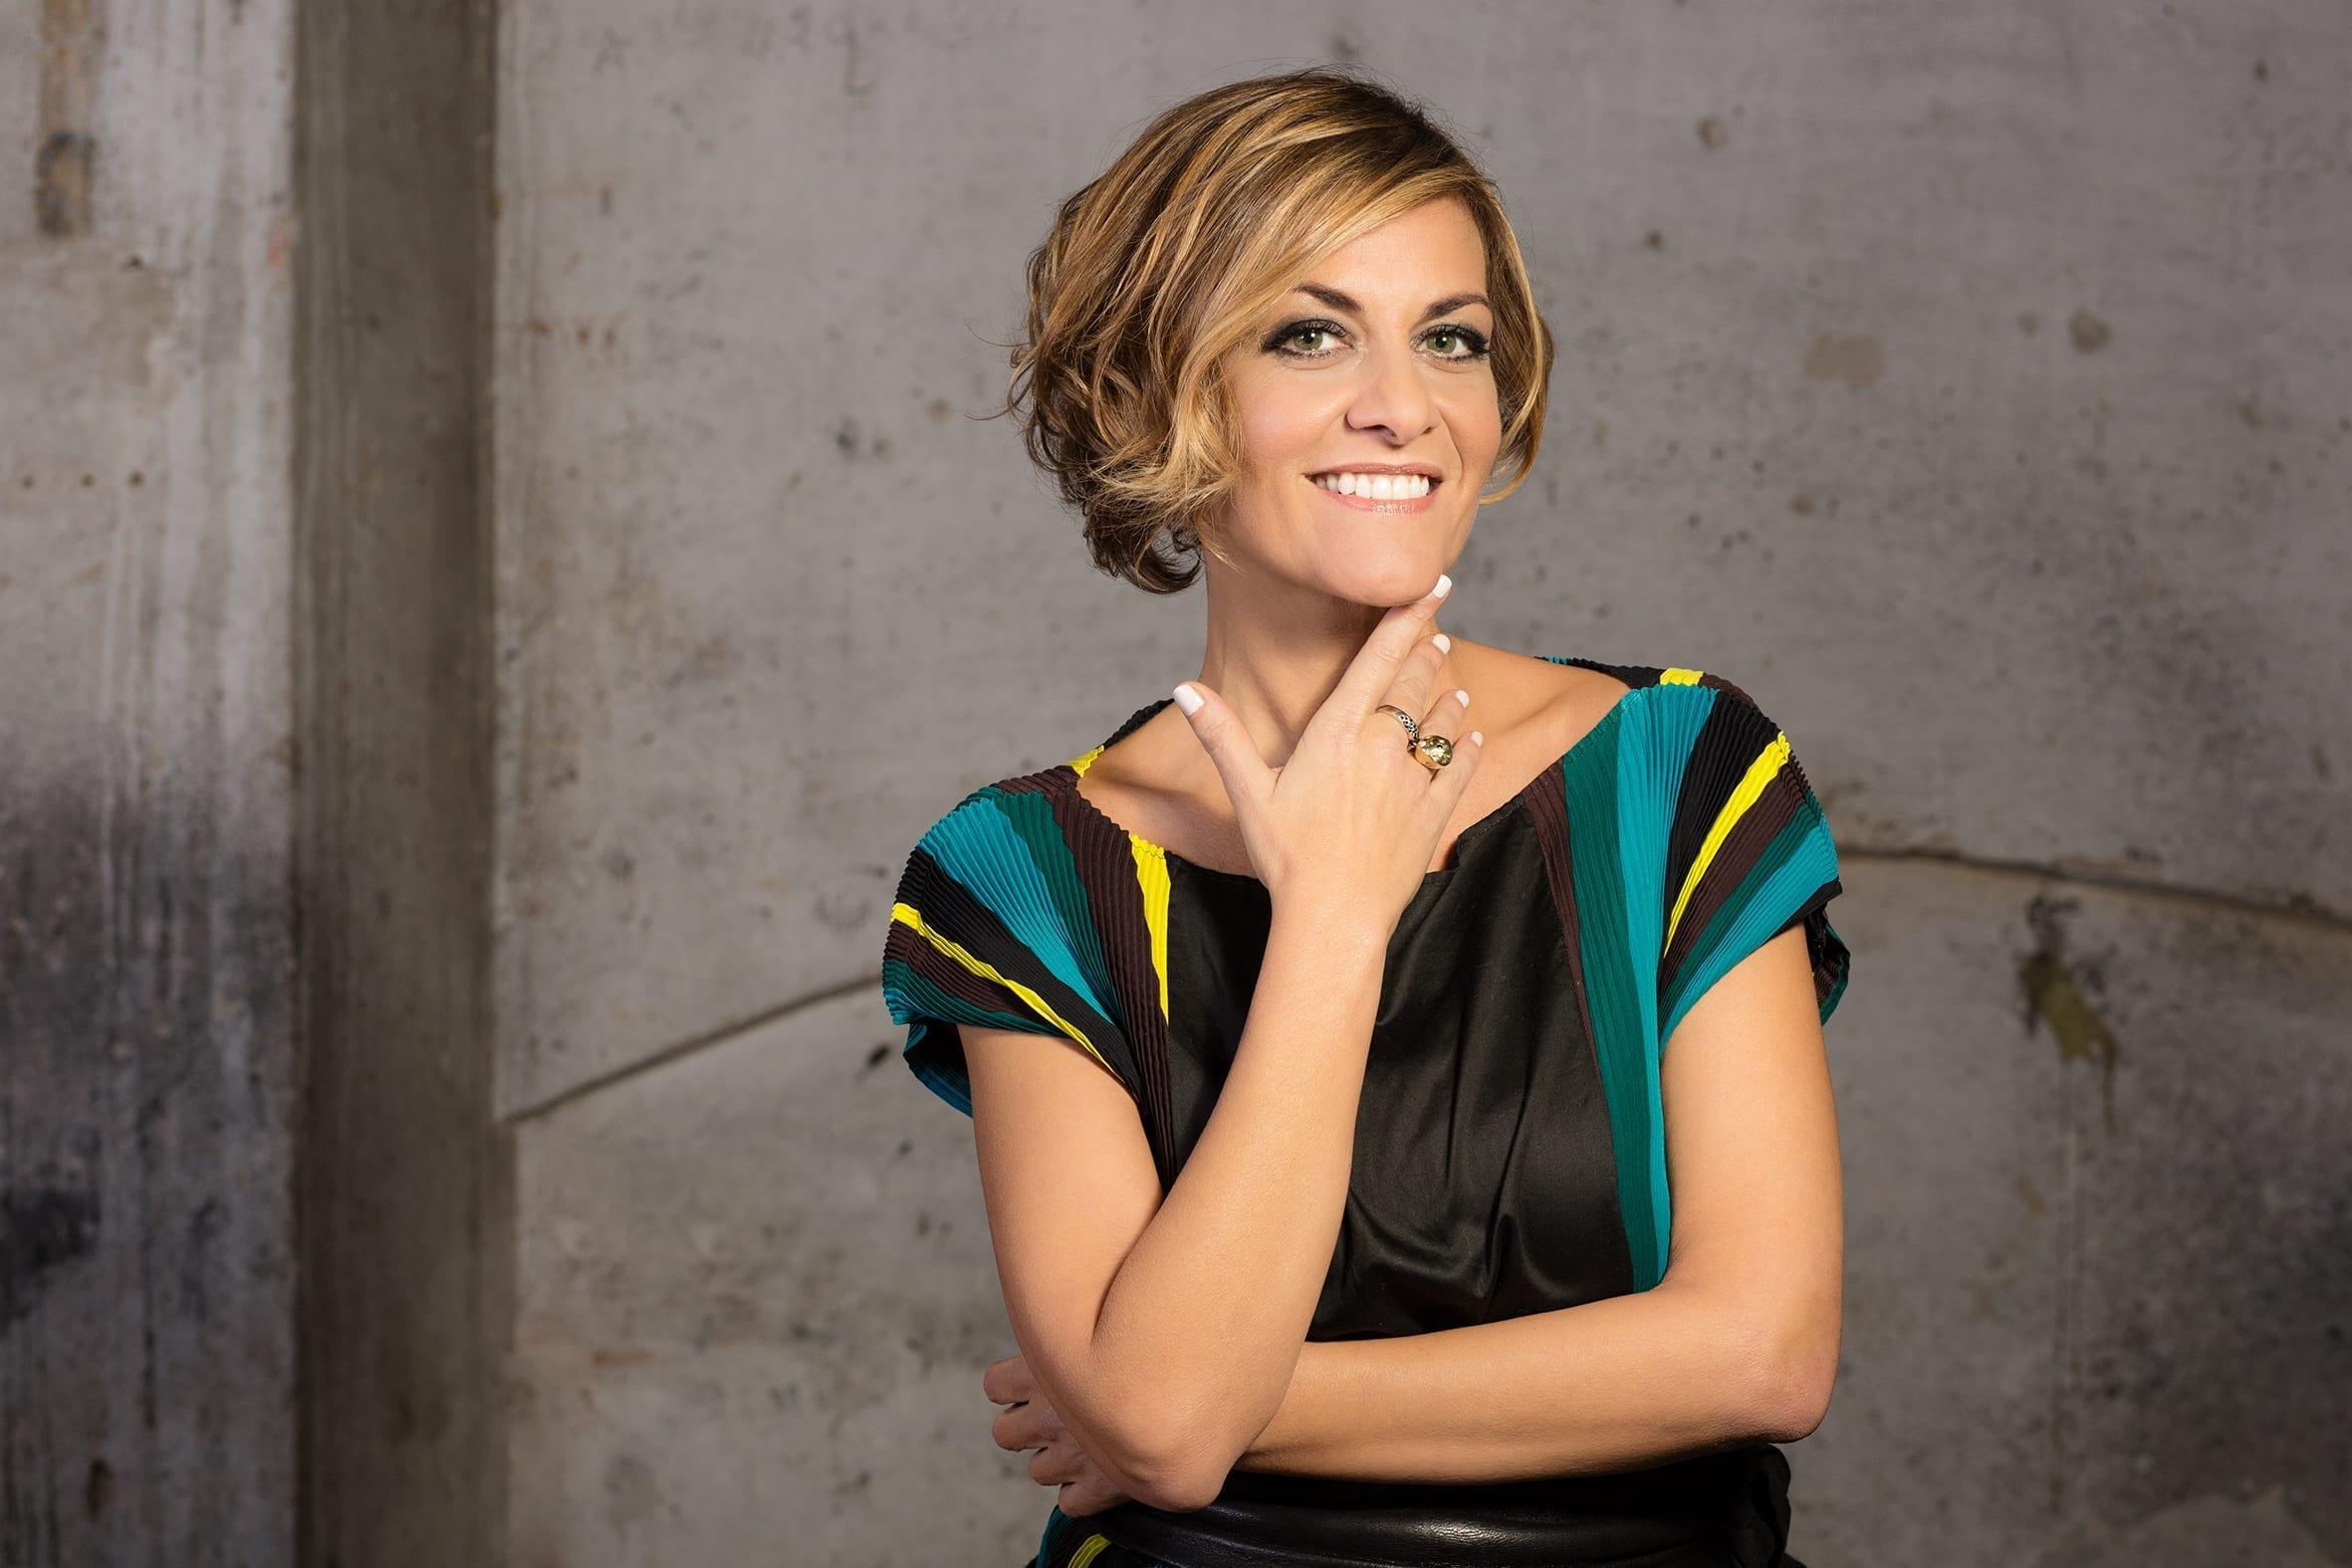 Sanremo: Irene Grandi, torno con un brano sul coraggio di cambiare